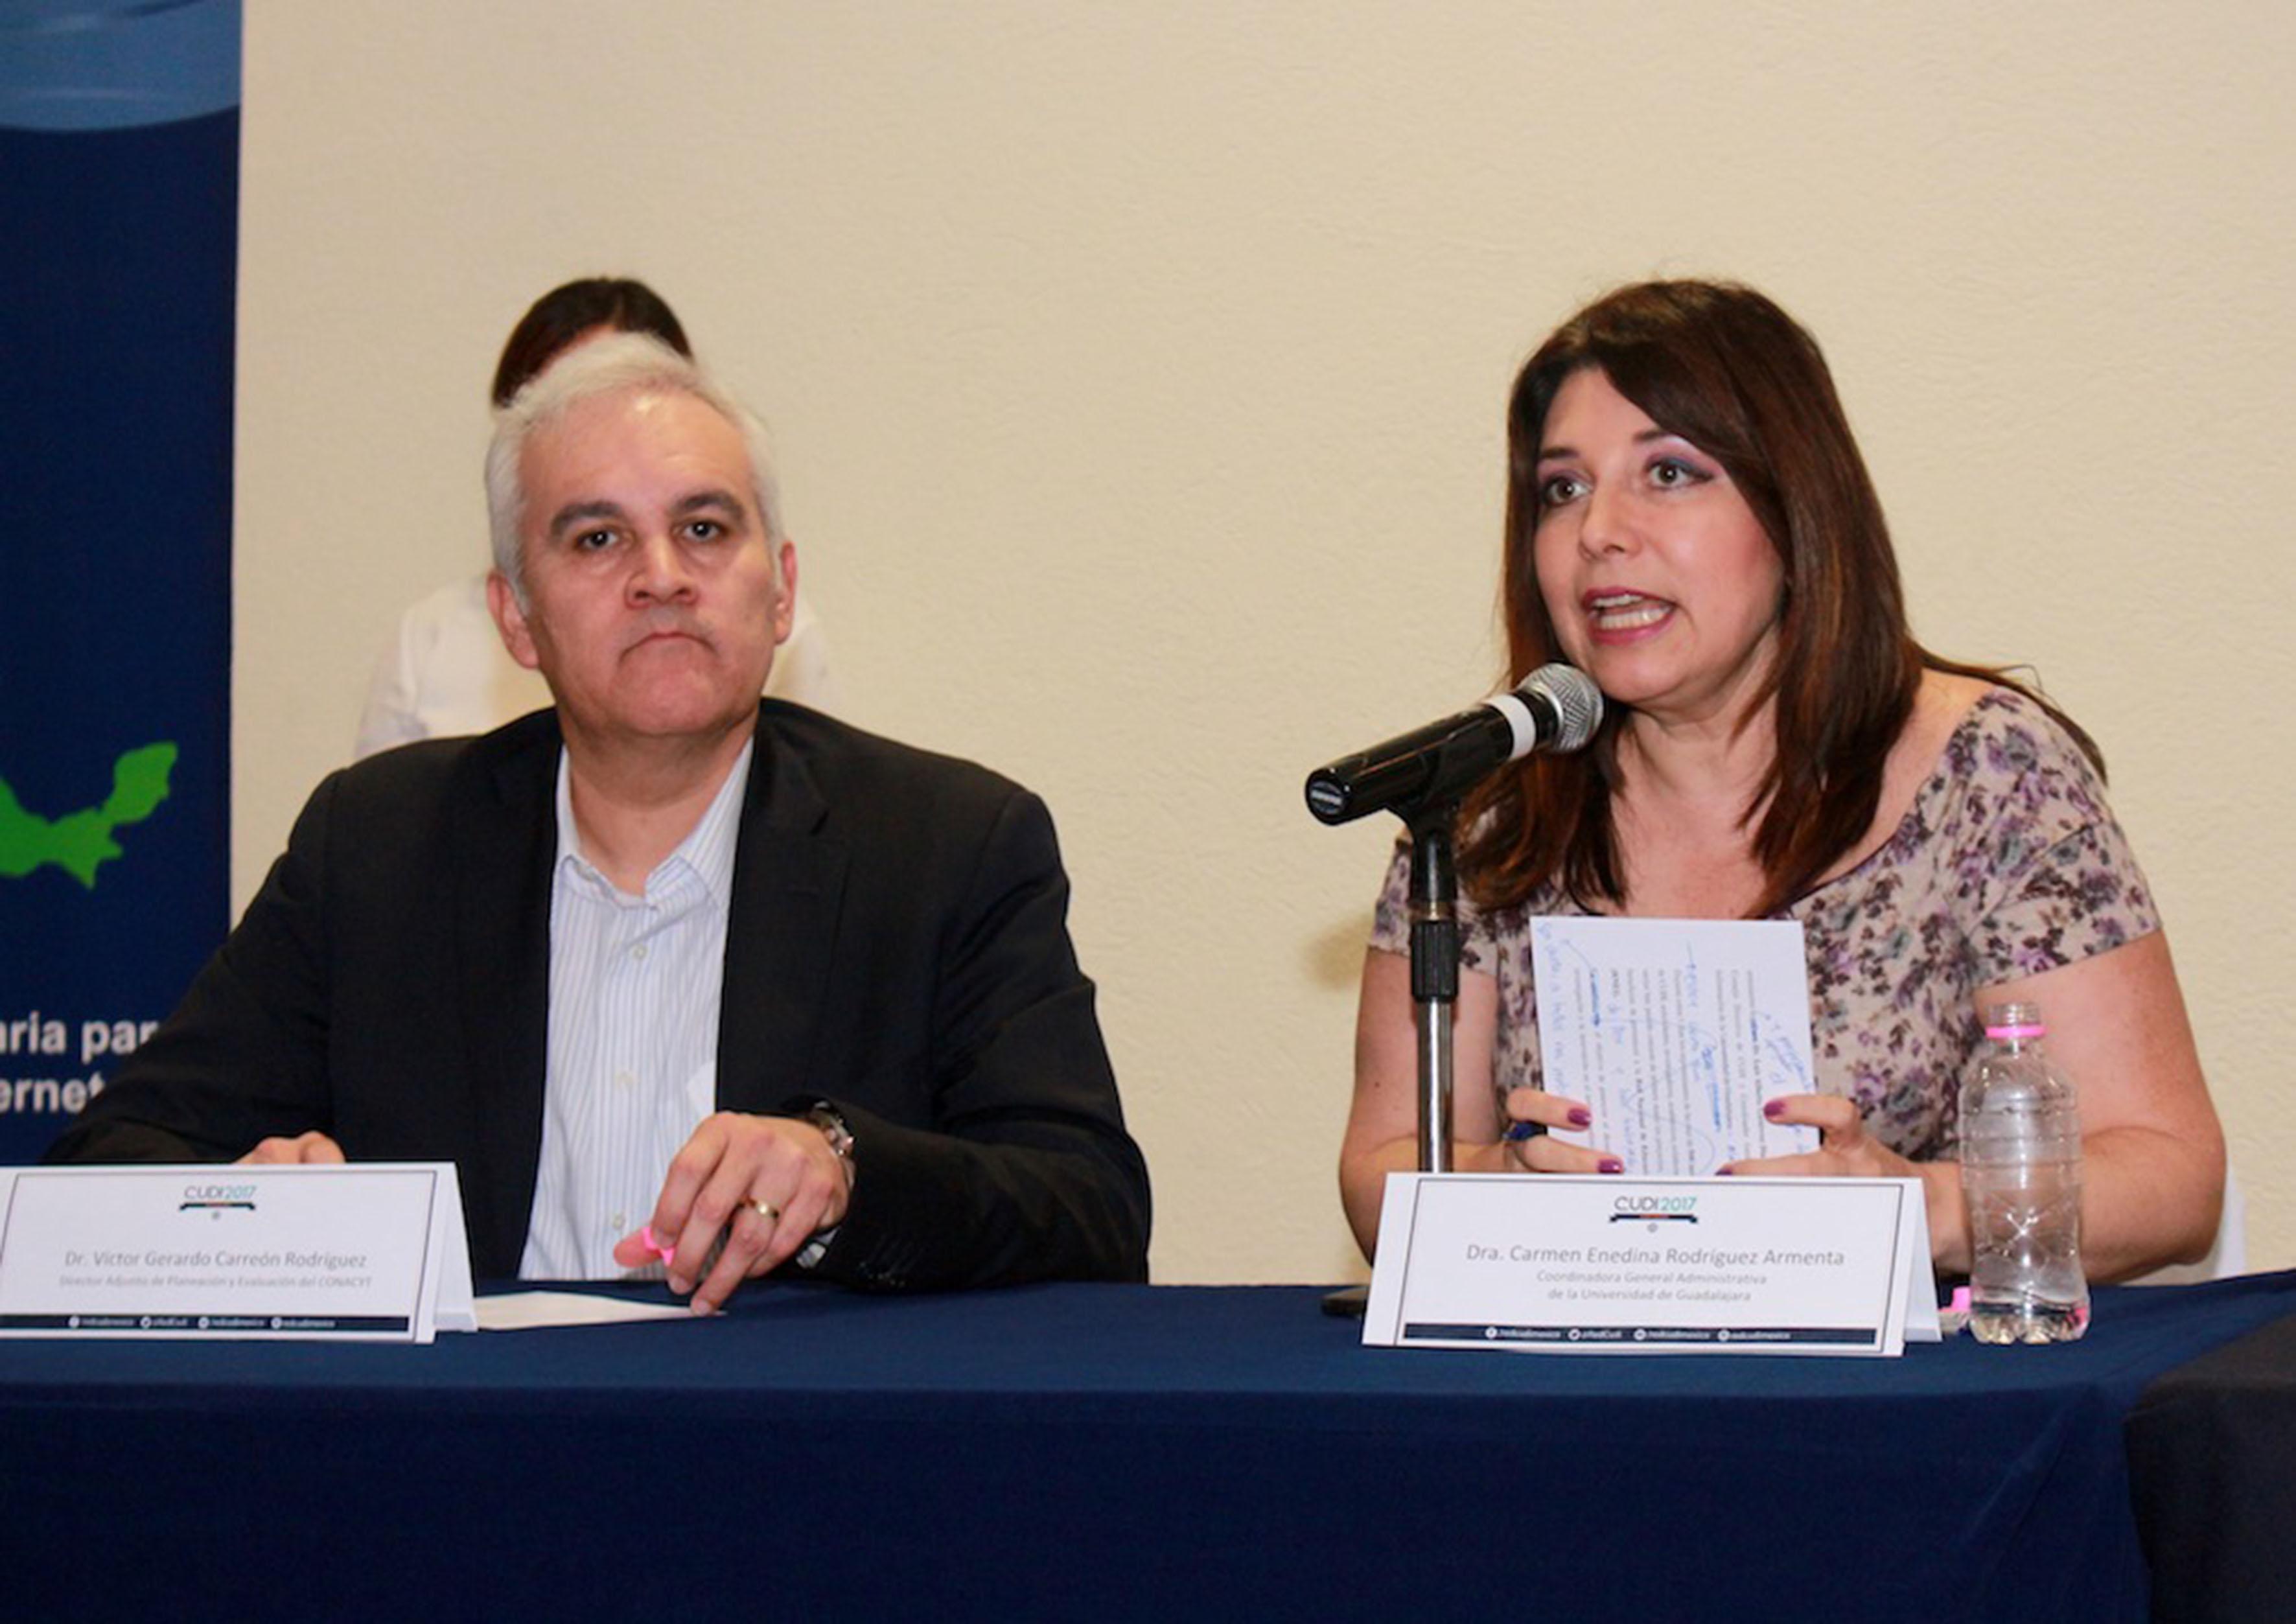 Doctora Carmen Enedina Rodríguez Armenta, coordinadora general administrativa de la UdeG, haciendo uso de la  palabra en el podium del evento, durante la clausura de los trabajos de Reunión CUDI 2017.